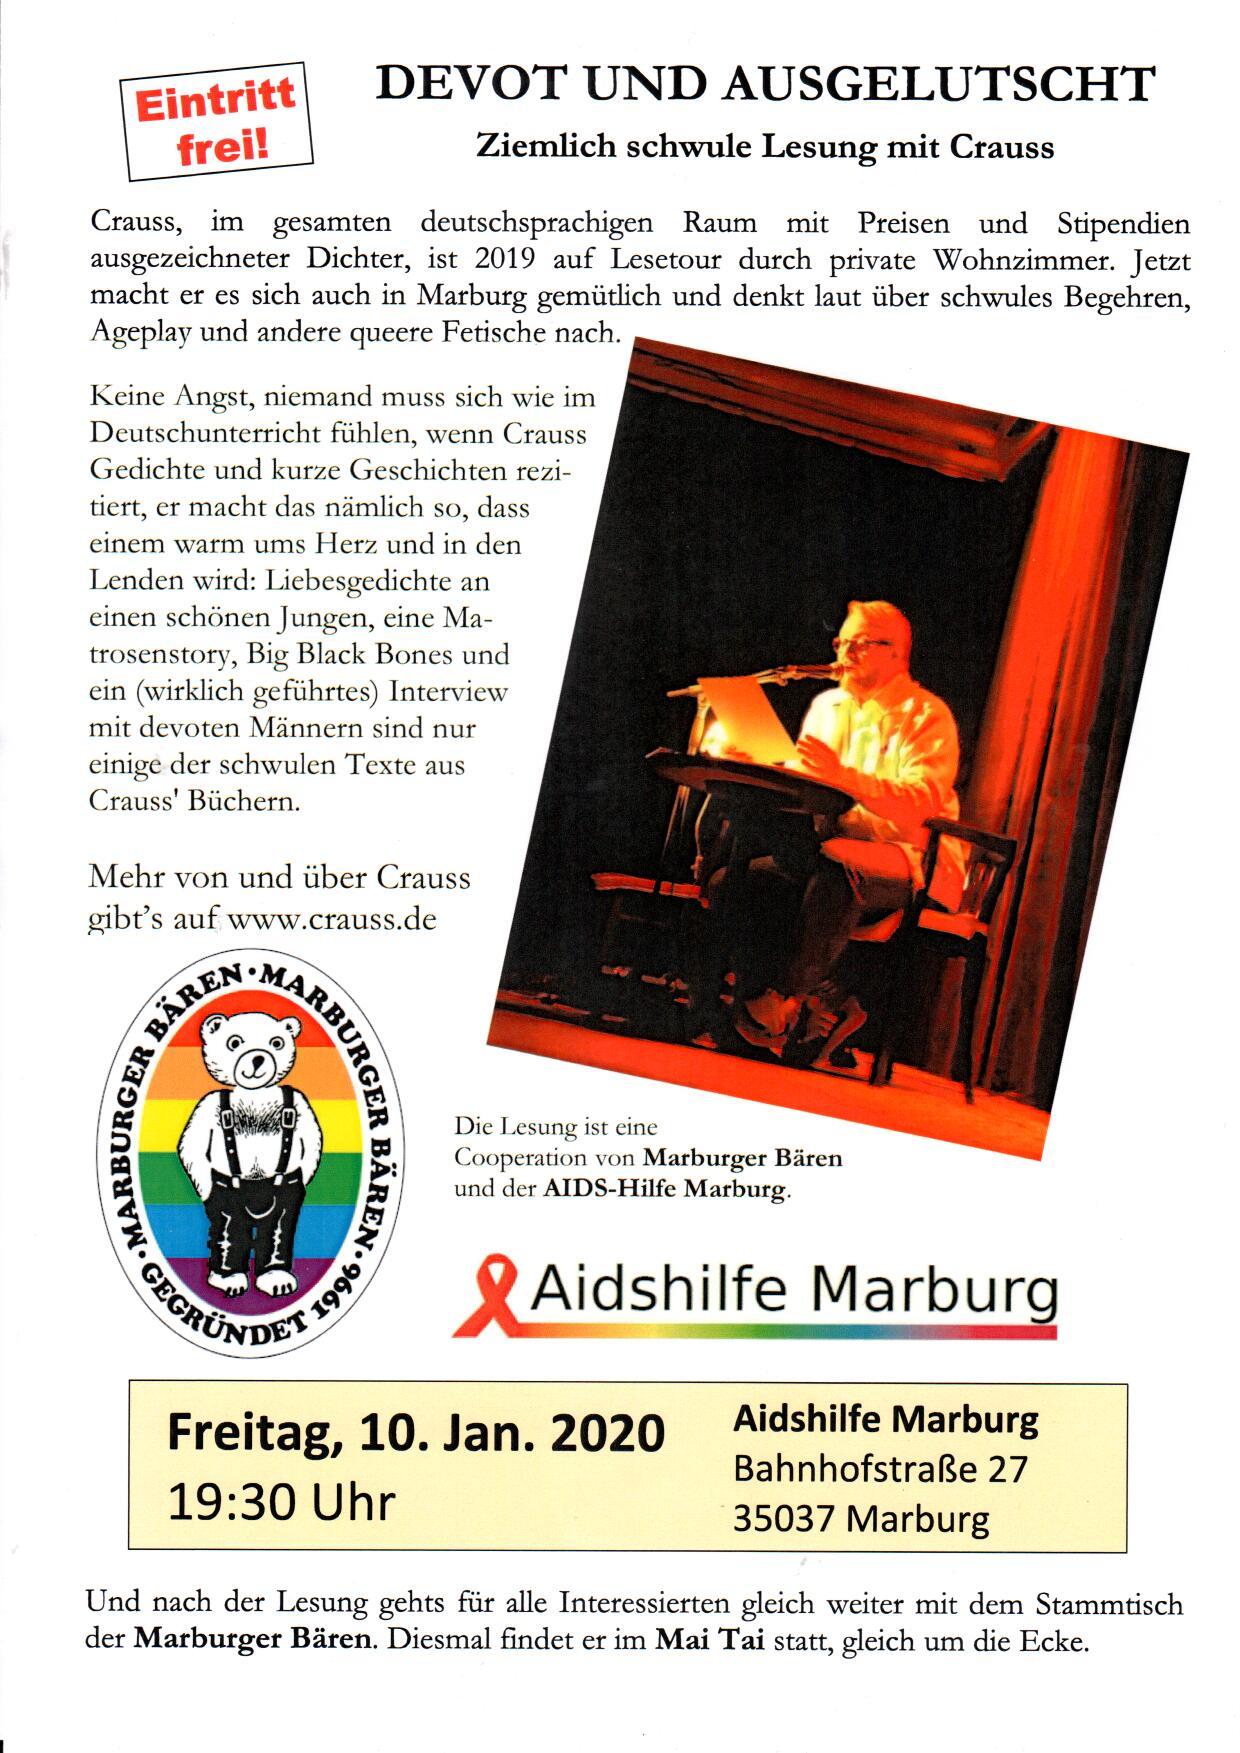 Crauss in Marburg